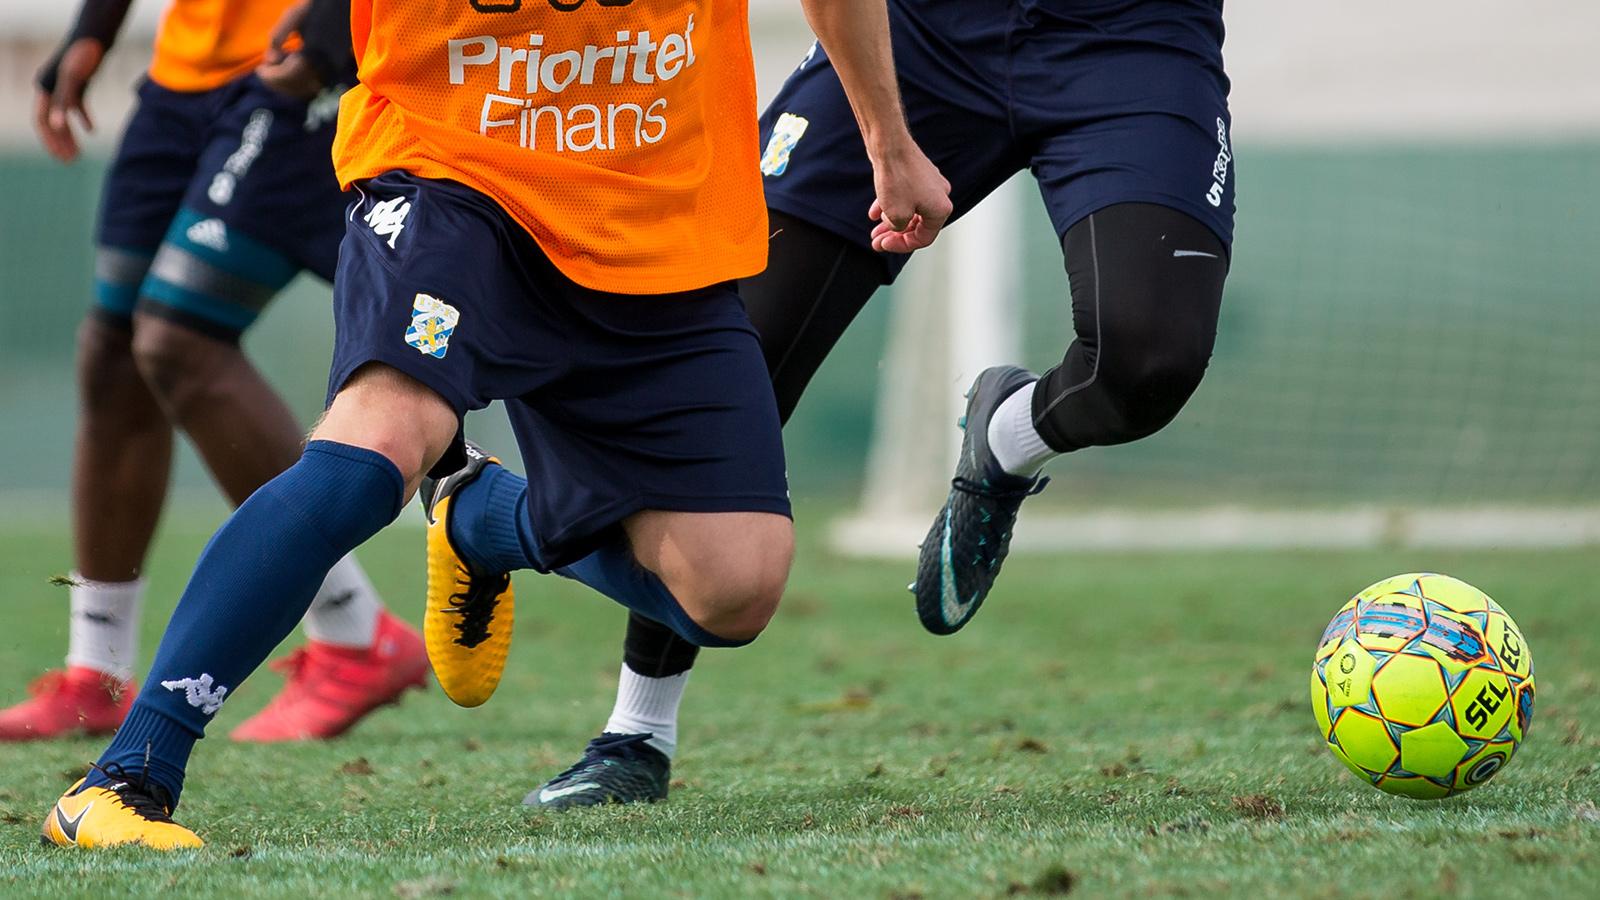 Genre fotboll ben skor träning 2018 spanien